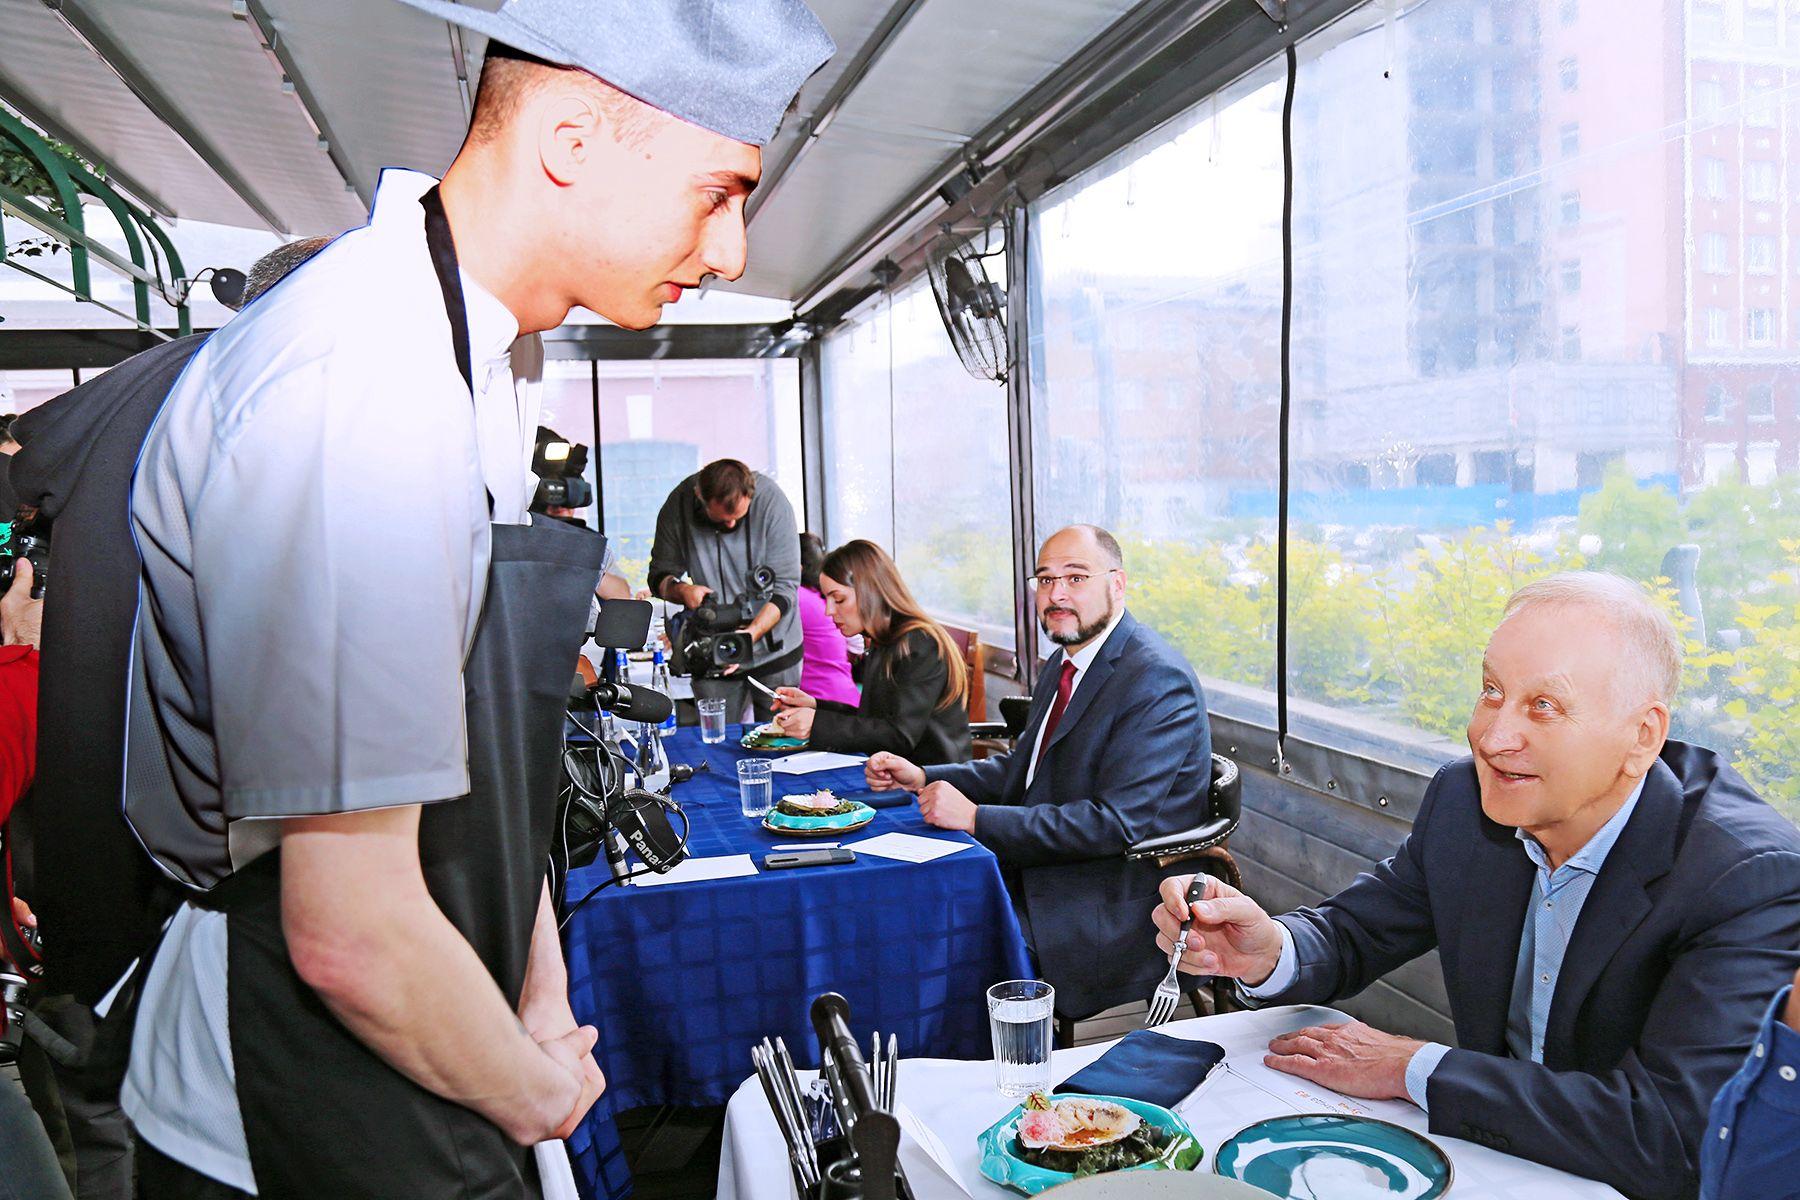 Образовательный проект ВГУЭС по подготовке профессиональных кадров для ресторанной индустрии будет распространен по всей стране